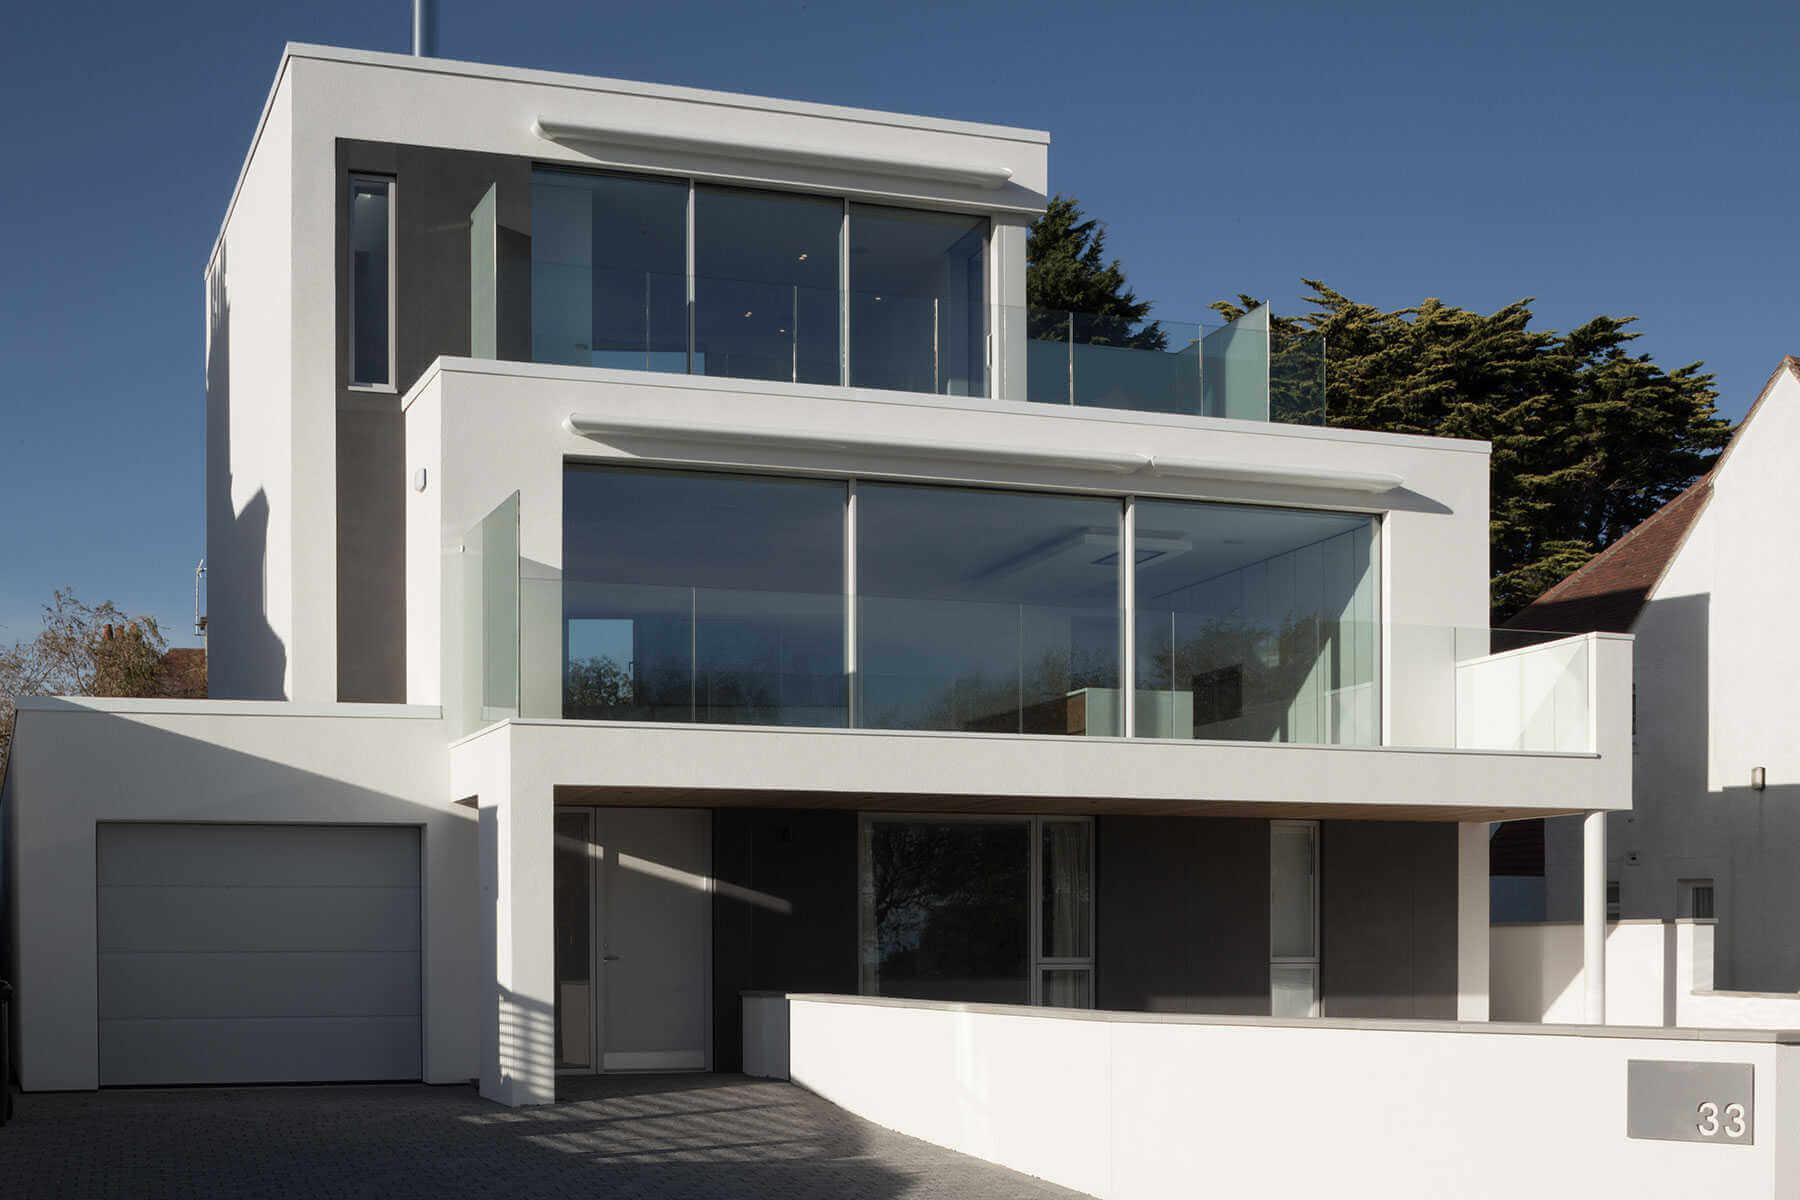 Minimalistische Hausfassaden mit extradünnem Feinsteinzeug